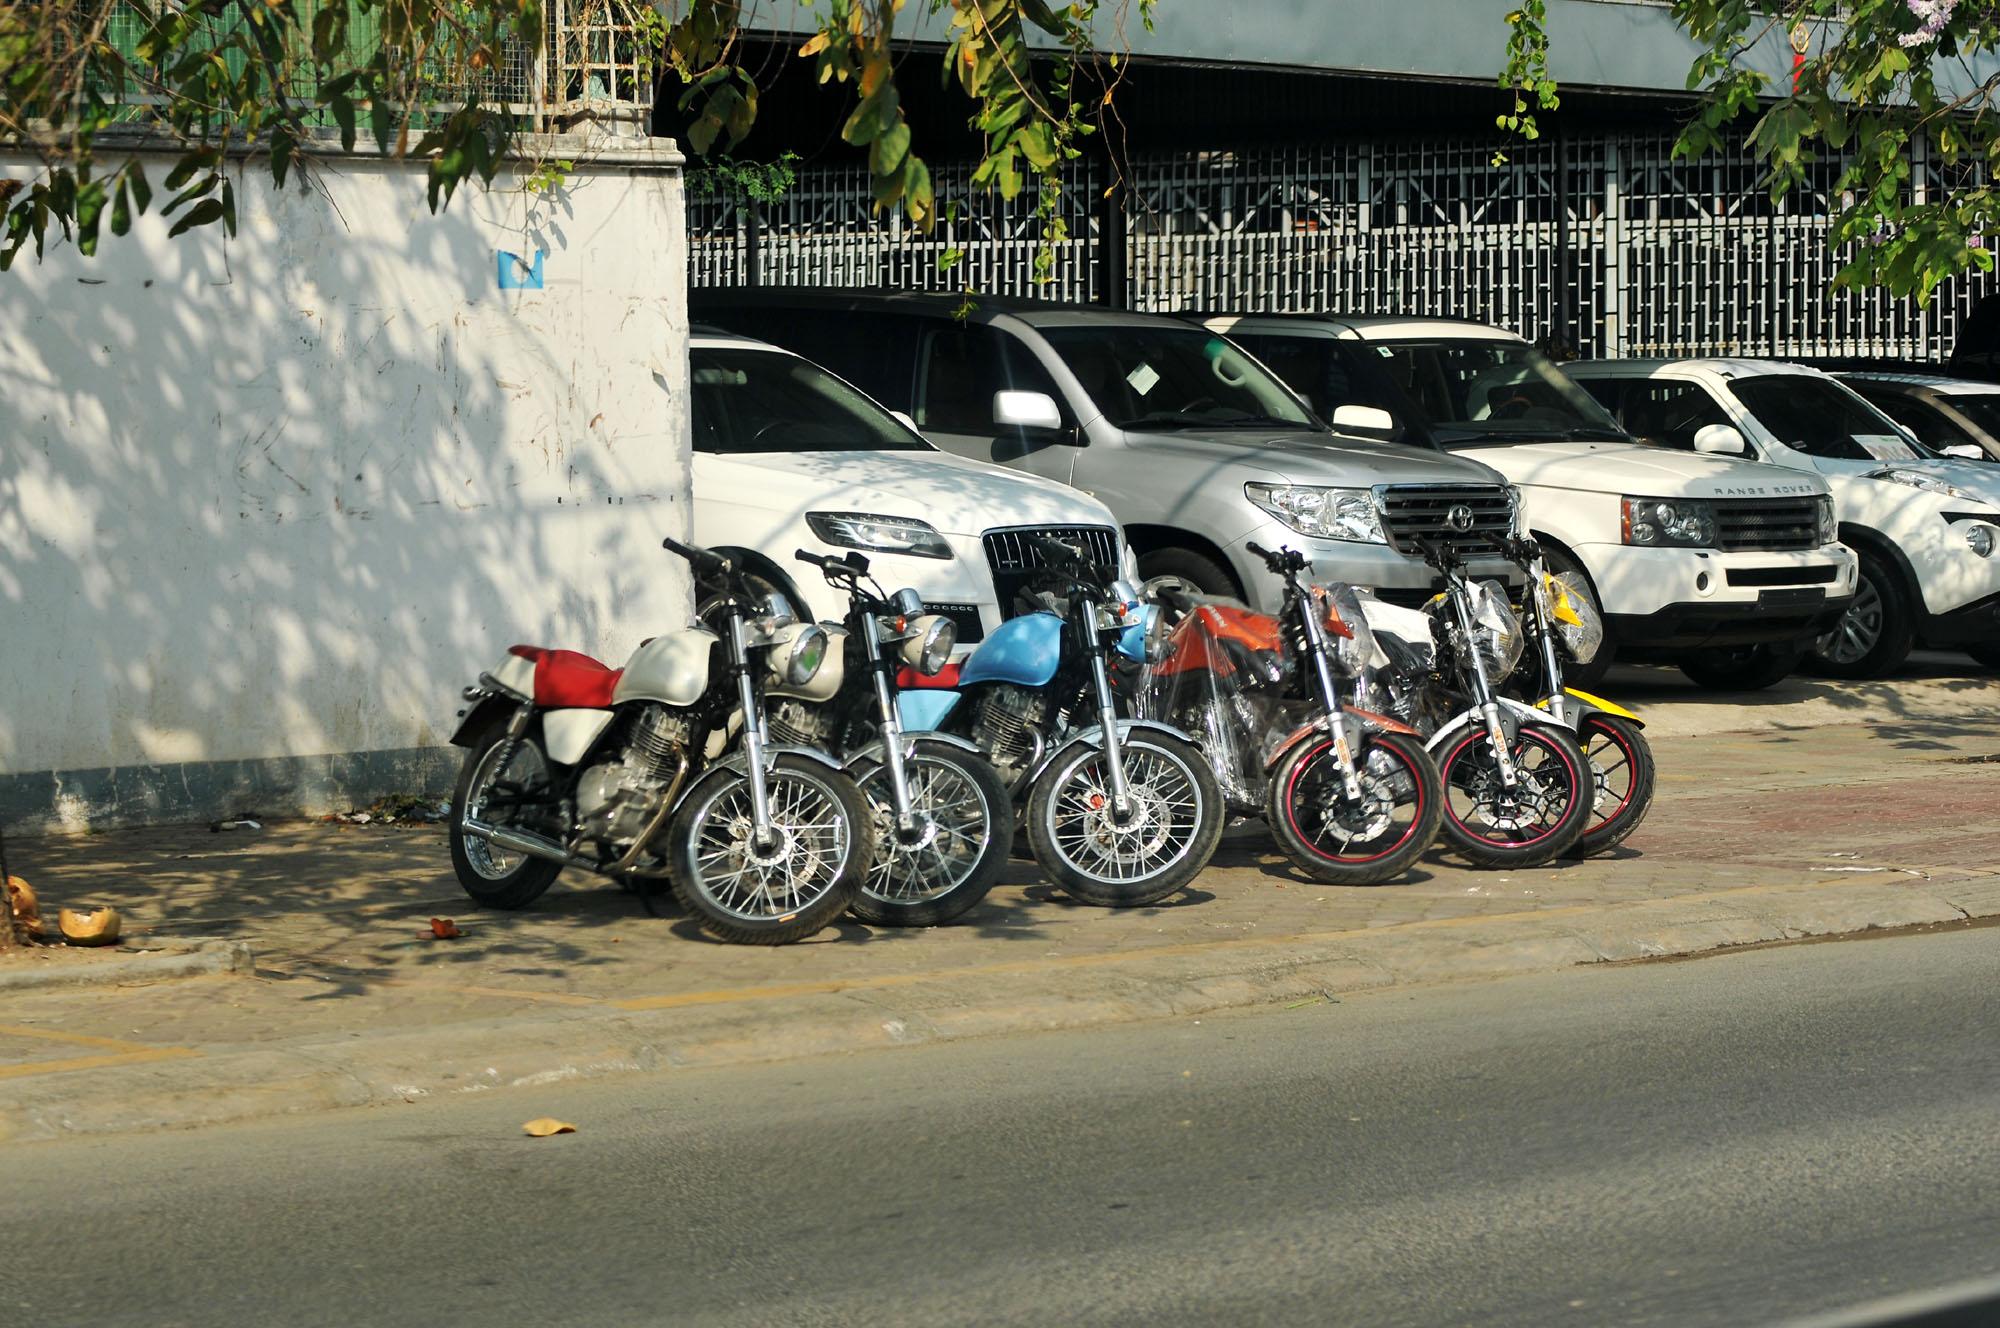 汇聚全球摩托车的路边小店